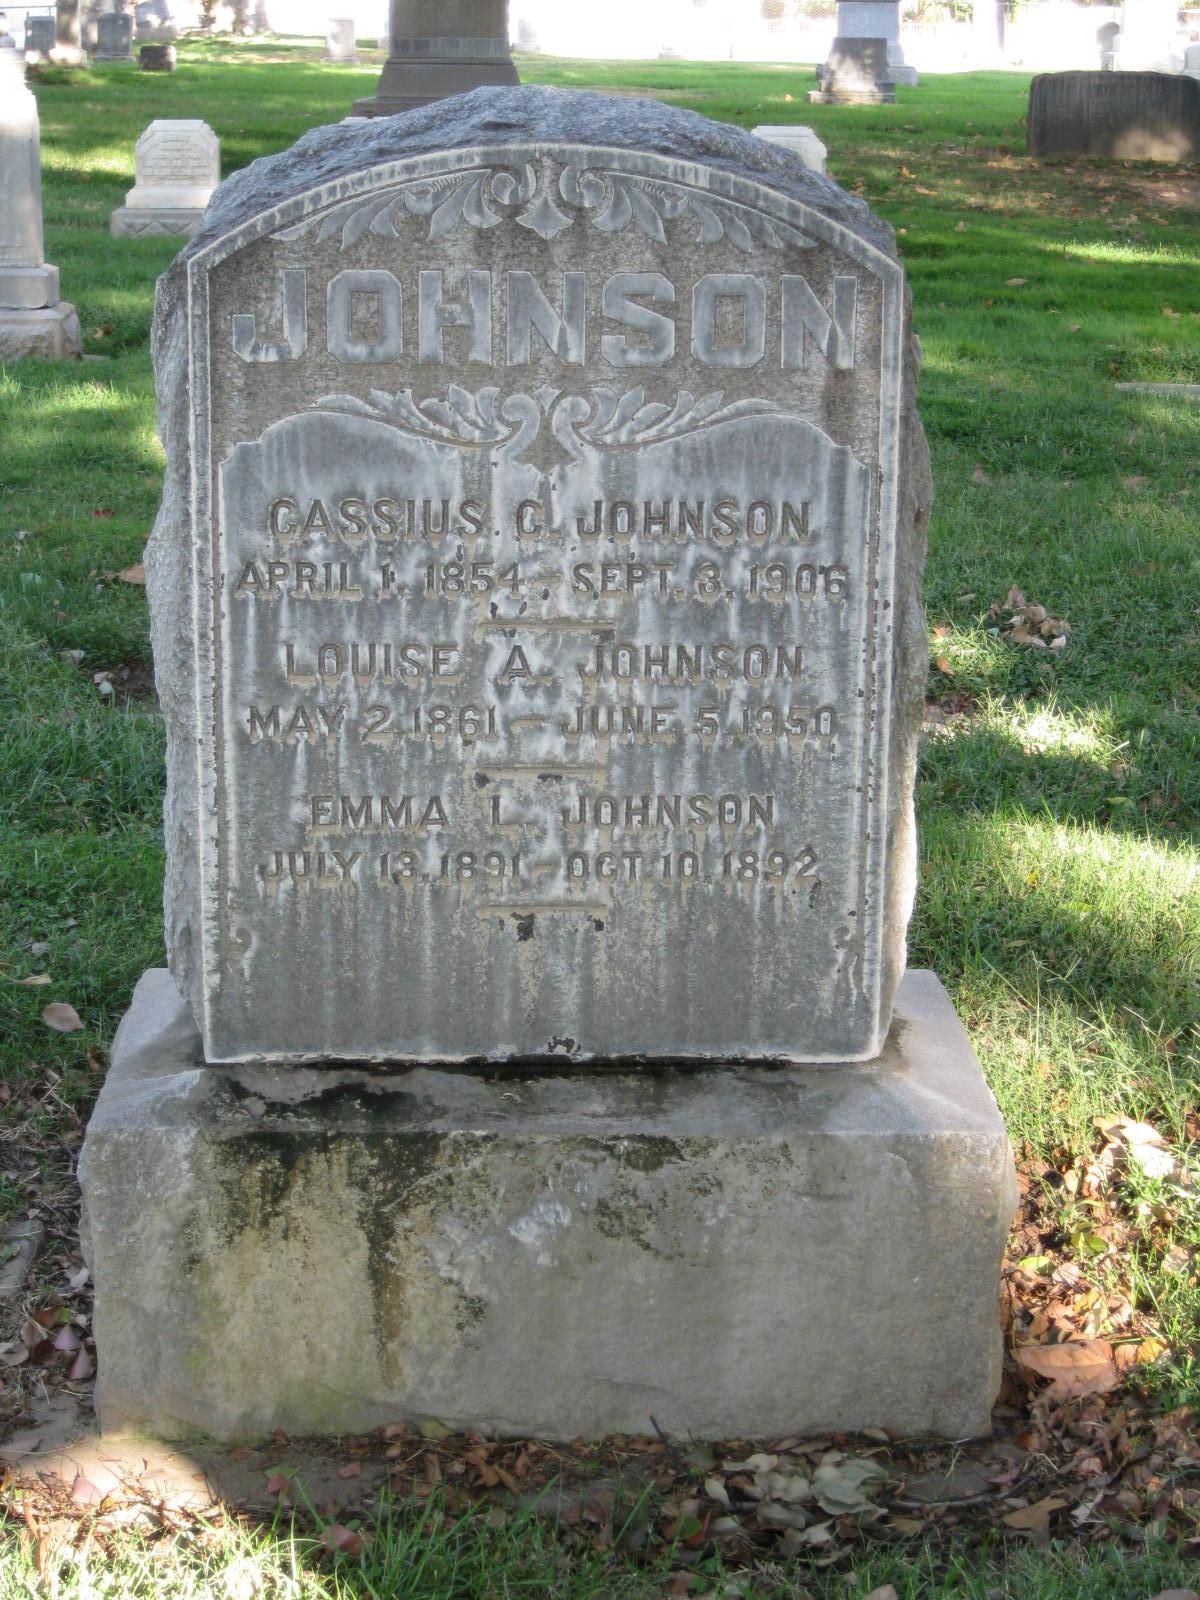 Cassius C. Johnson